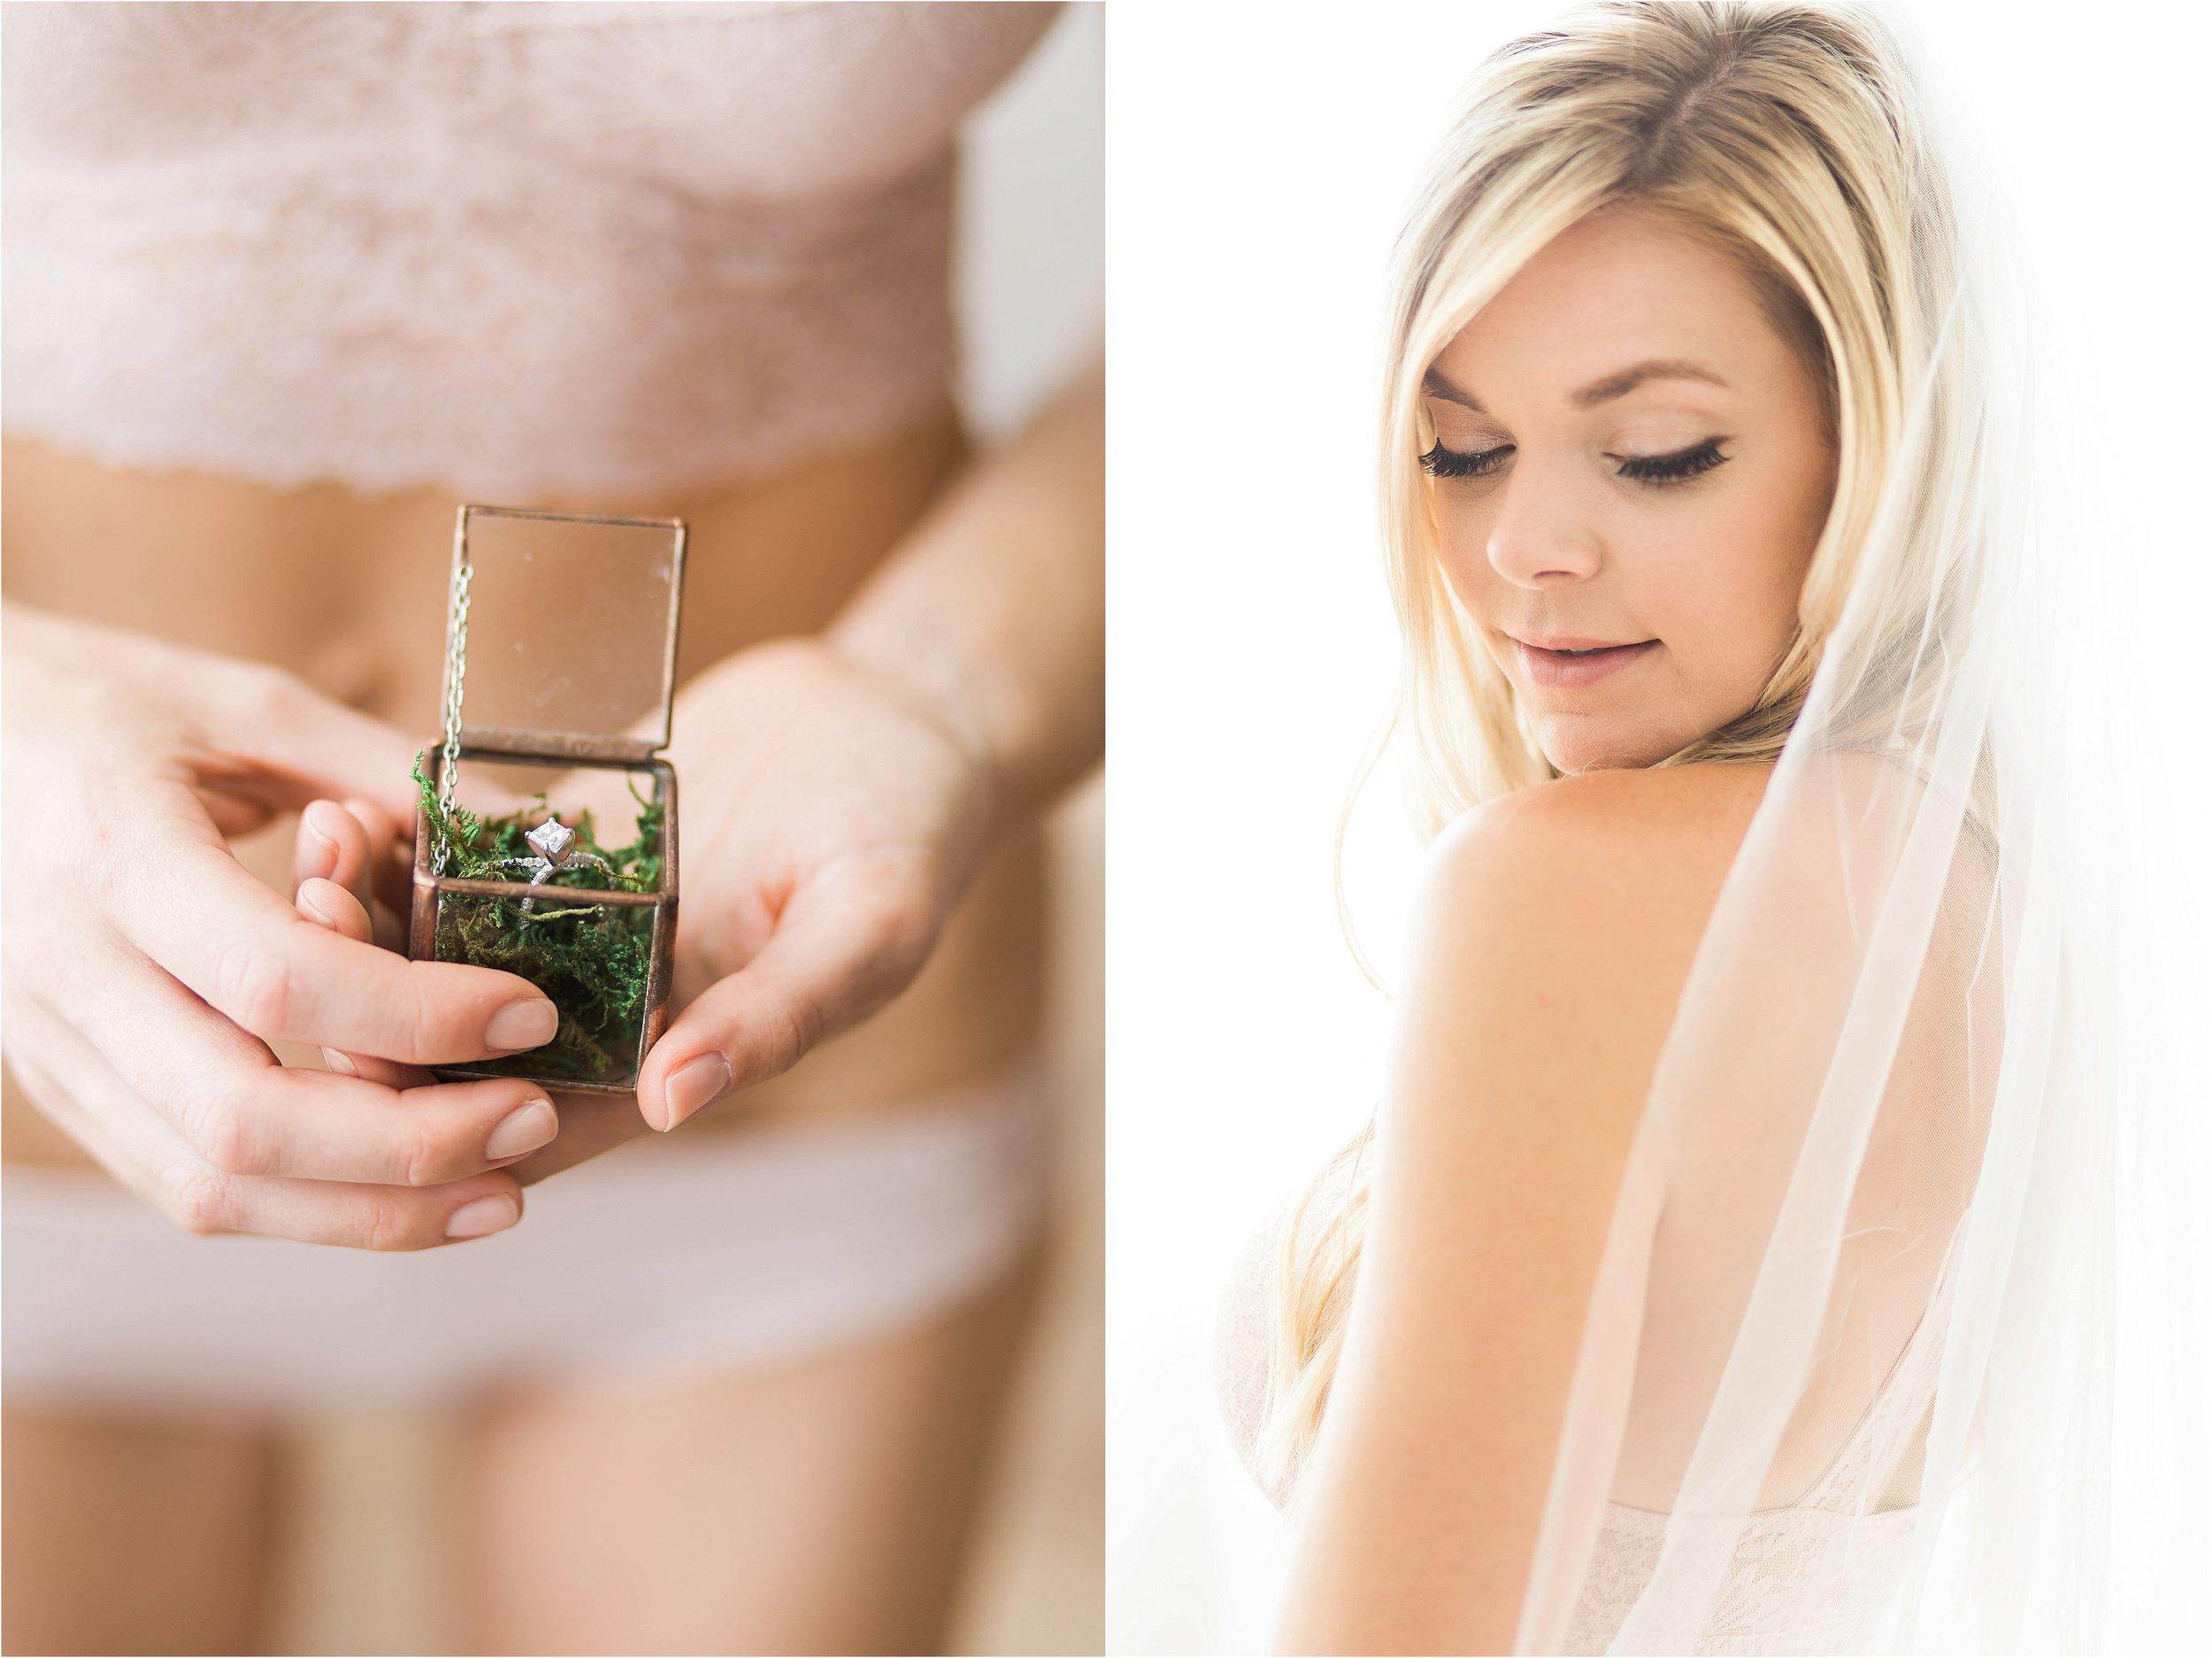 Los Angeles Bridal Boudoir_0018.jpg